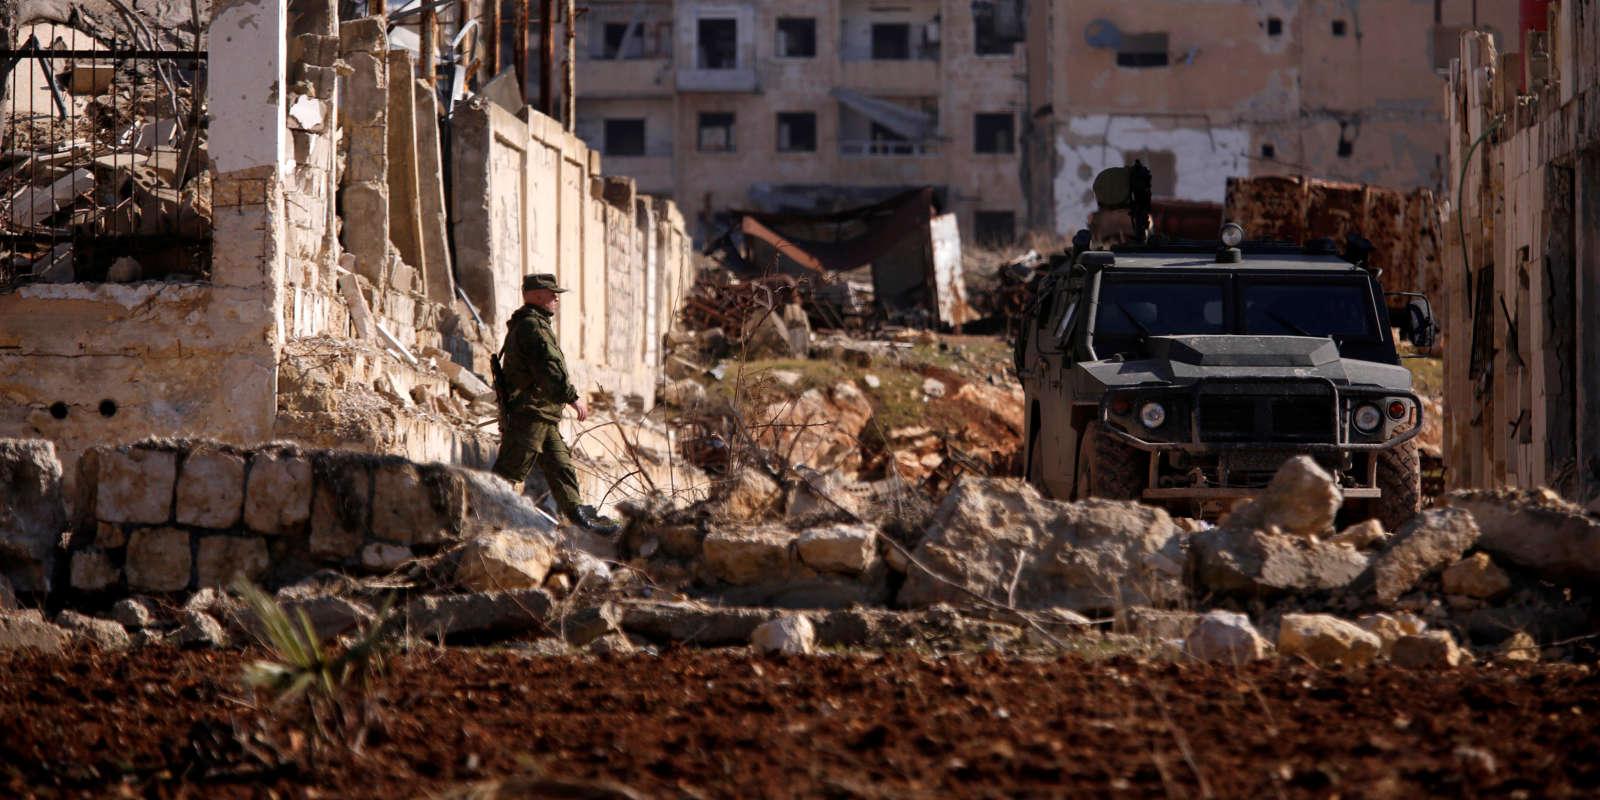 Un soldat russe dans le quartier d'Hanono, à Alep, contrôlé par les forces pro-gouvernementales, le 4 décembre 2016.